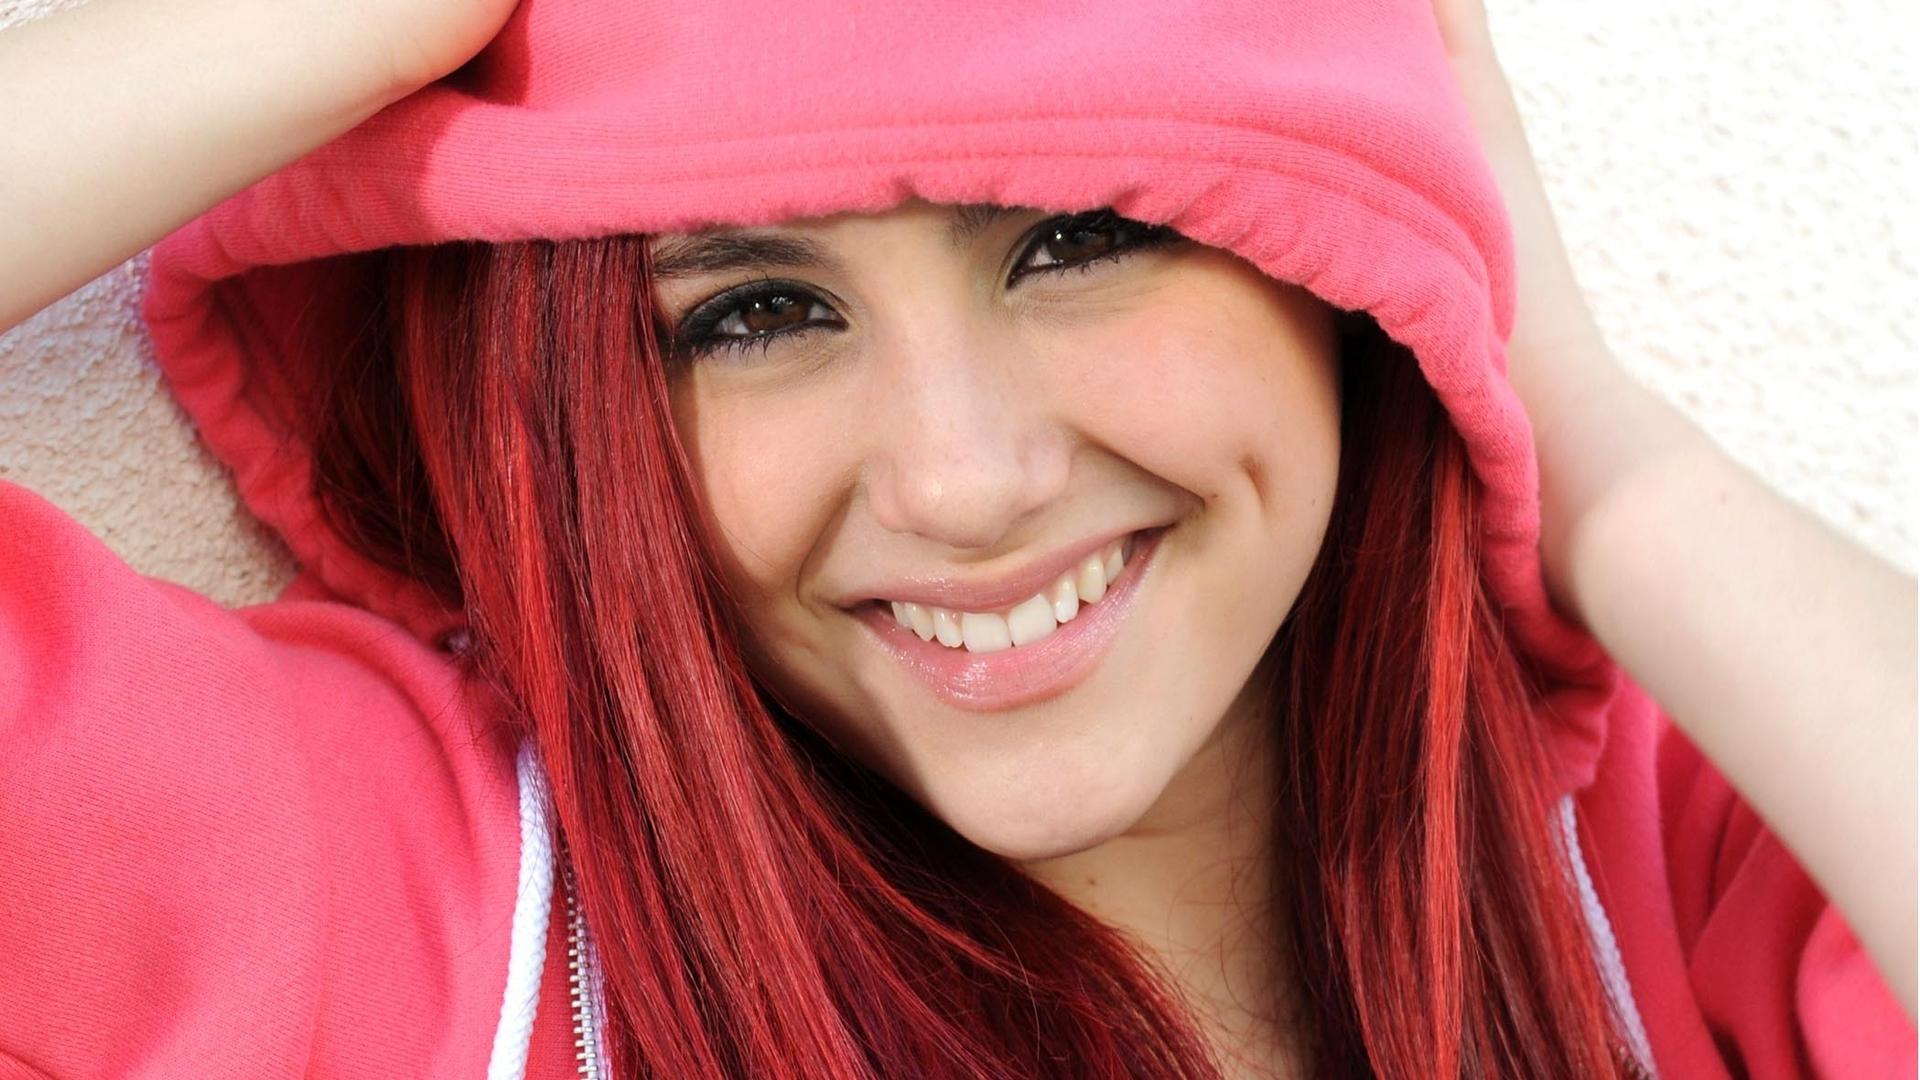 El secreto de belleza de Ariana Grande   Los mejores looks